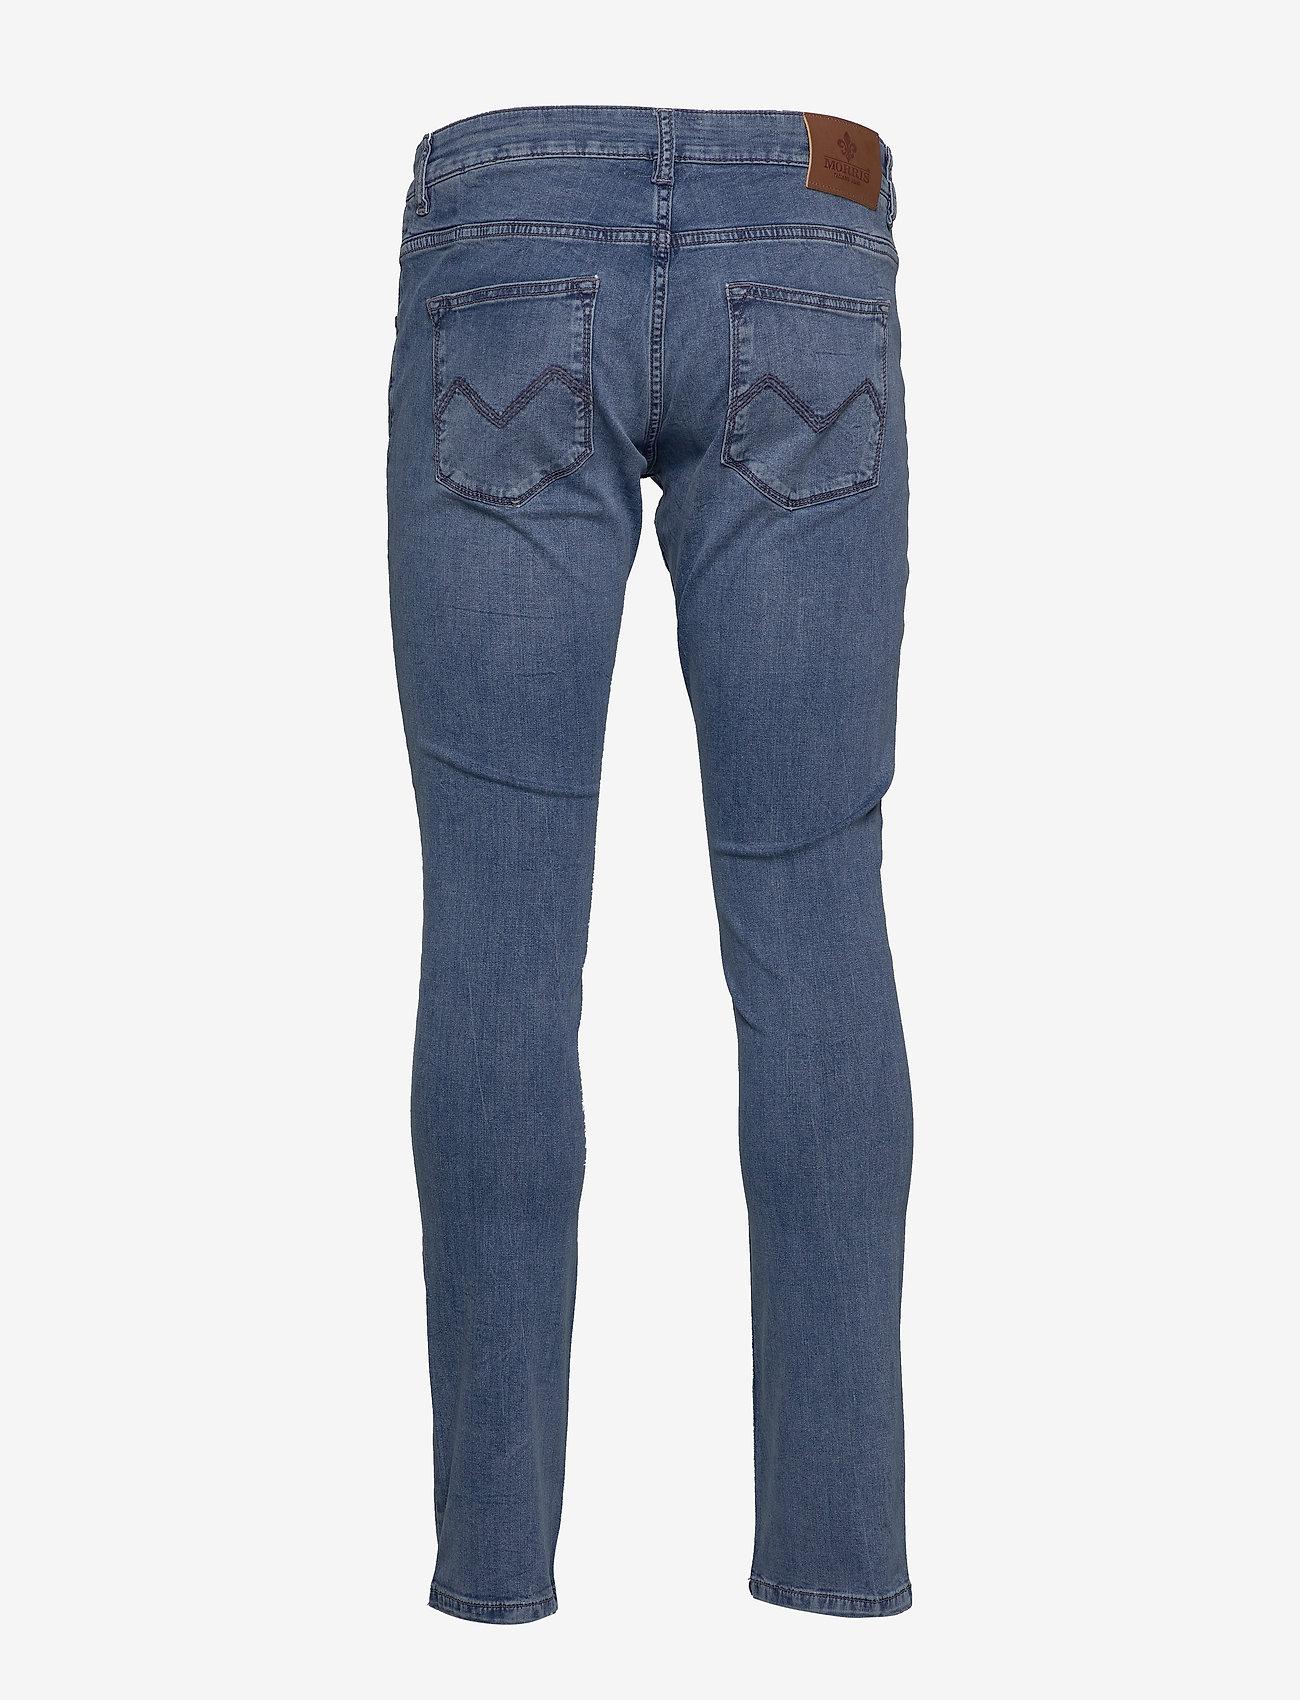 Steve Satin Jeans Zip (Lt Wash) - Morris lgXa1N